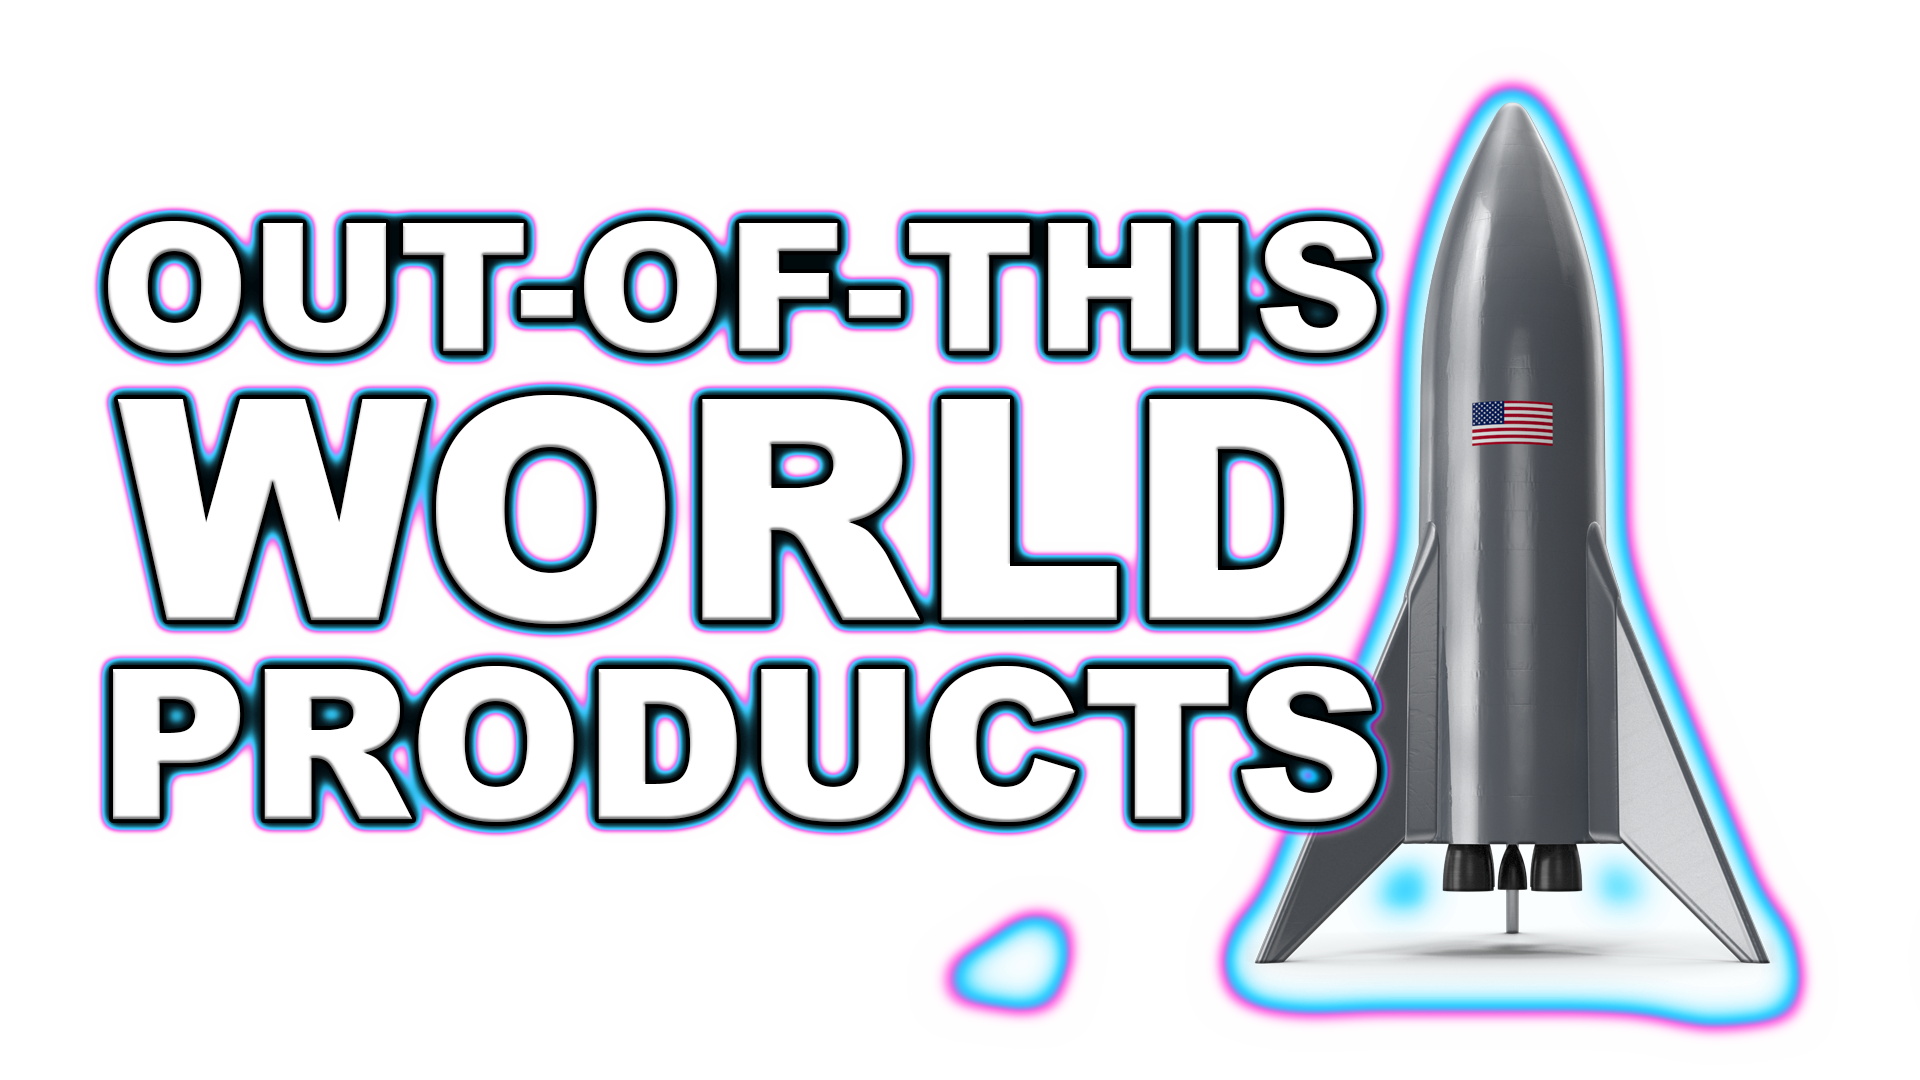 Branded products at skyshot digital design, website, online marketing, web content, print design, business 5